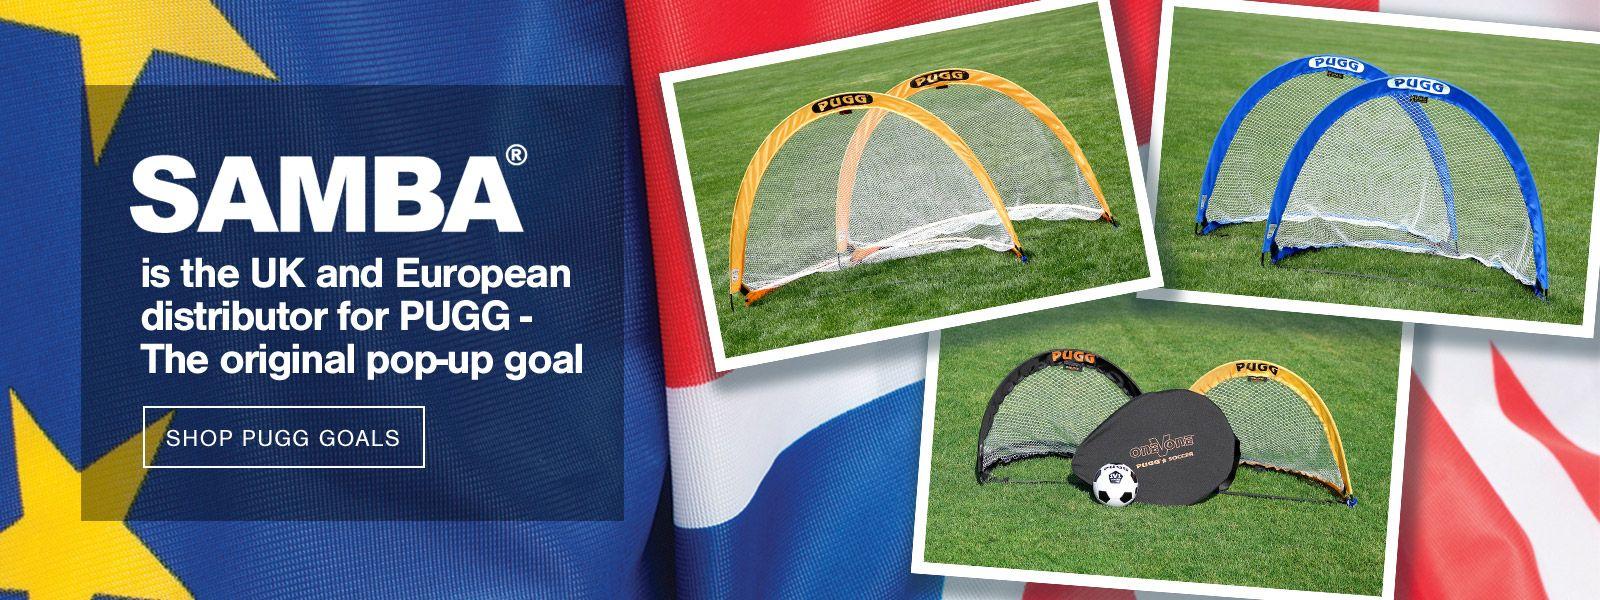 Samba is the UK and Europe Pugg goal distributor